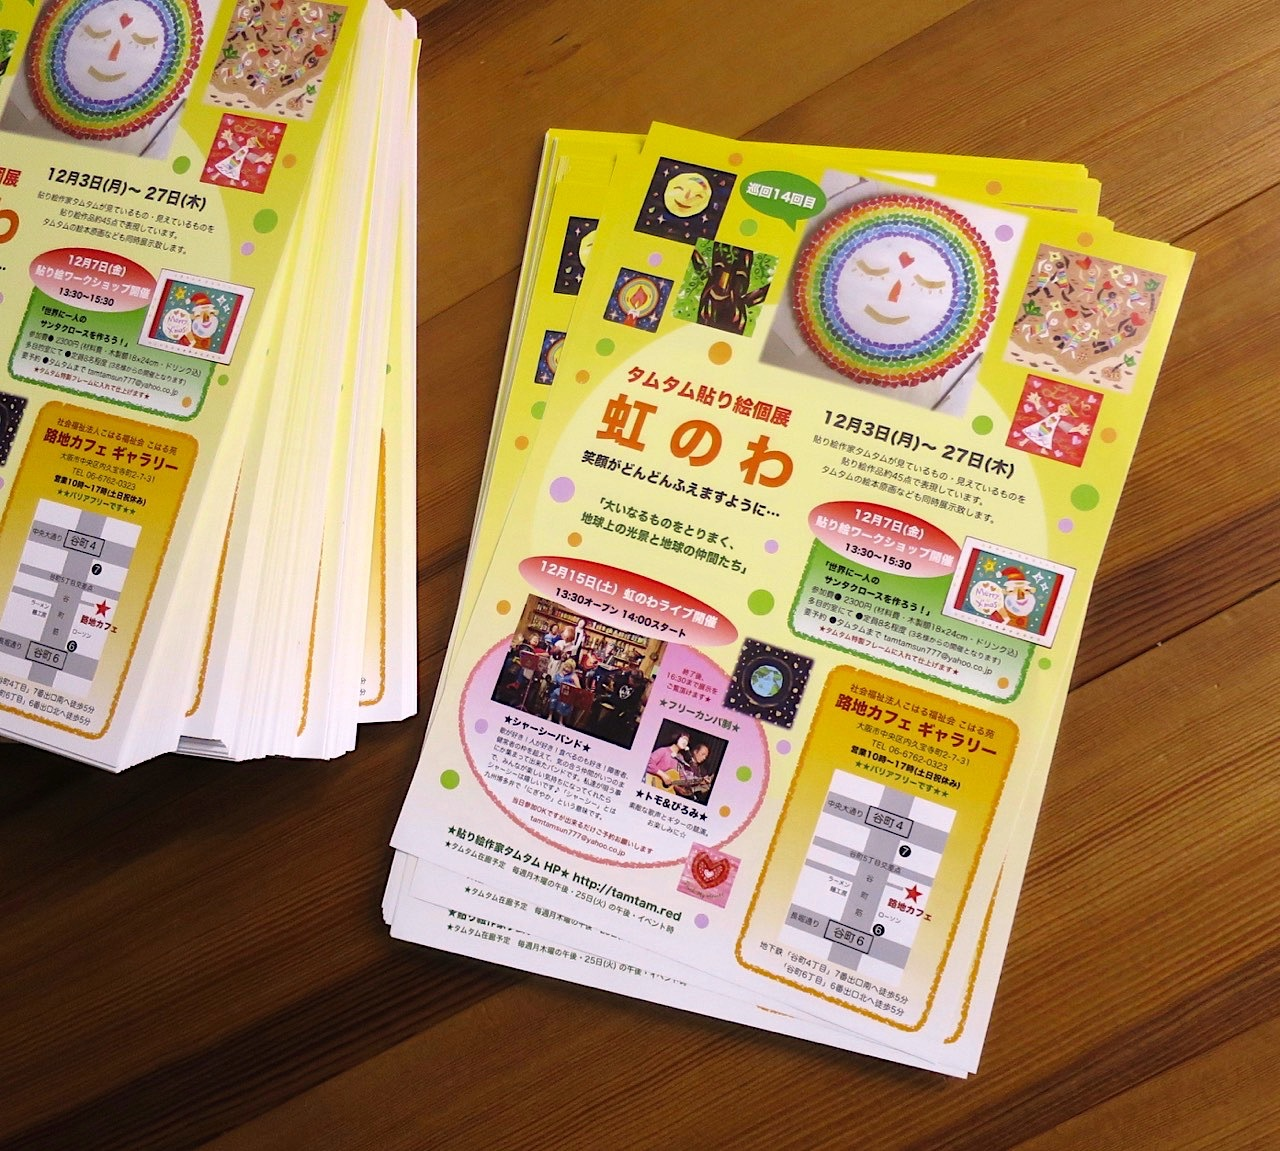 「大坂」で虹のわ展を開催します☆_b0181015_18302112.jpg